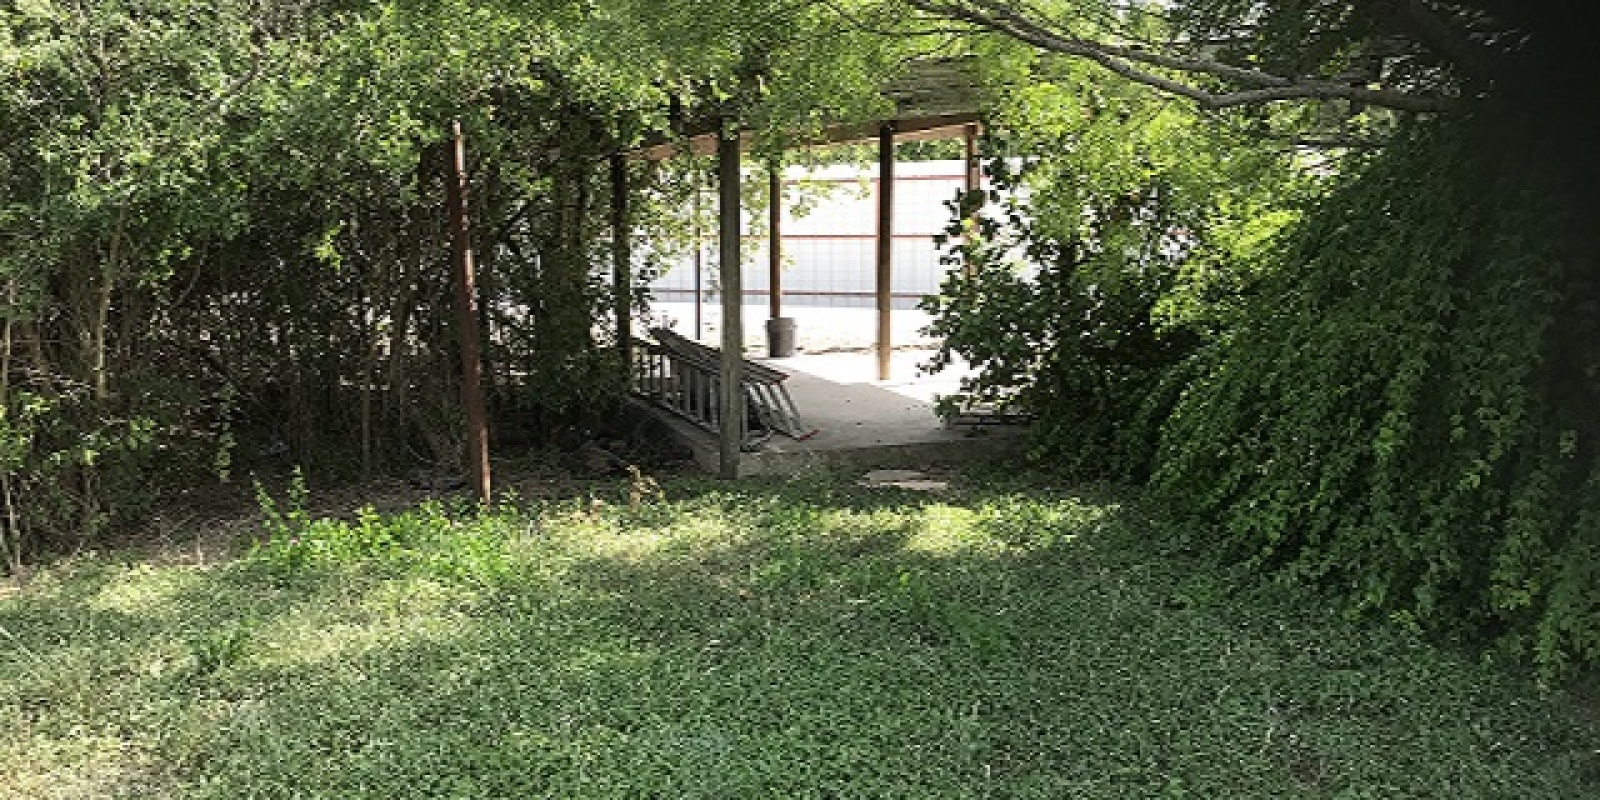 1801 Garner Field Rd., Uvalde, 78801, 4 Bedrooms Bedrooms, 9 Rooms Rooms,3 BathroomsBathrooms,Residential,Sold,Garner Field Rd.,1,1104